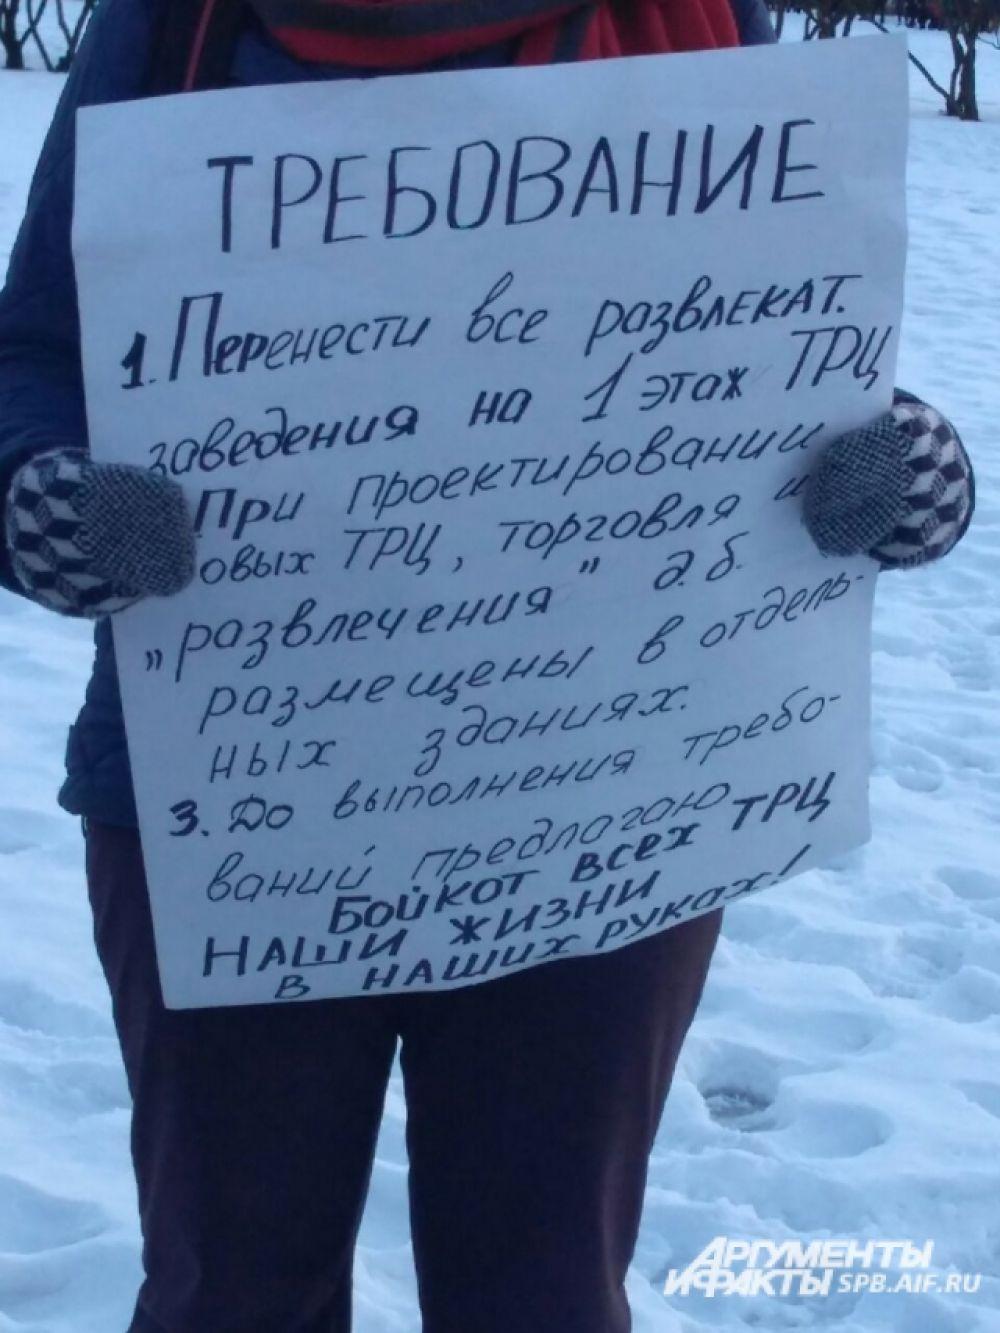 Петербуржцы обеспокоены обеспечением безопасности в ТРЦ.